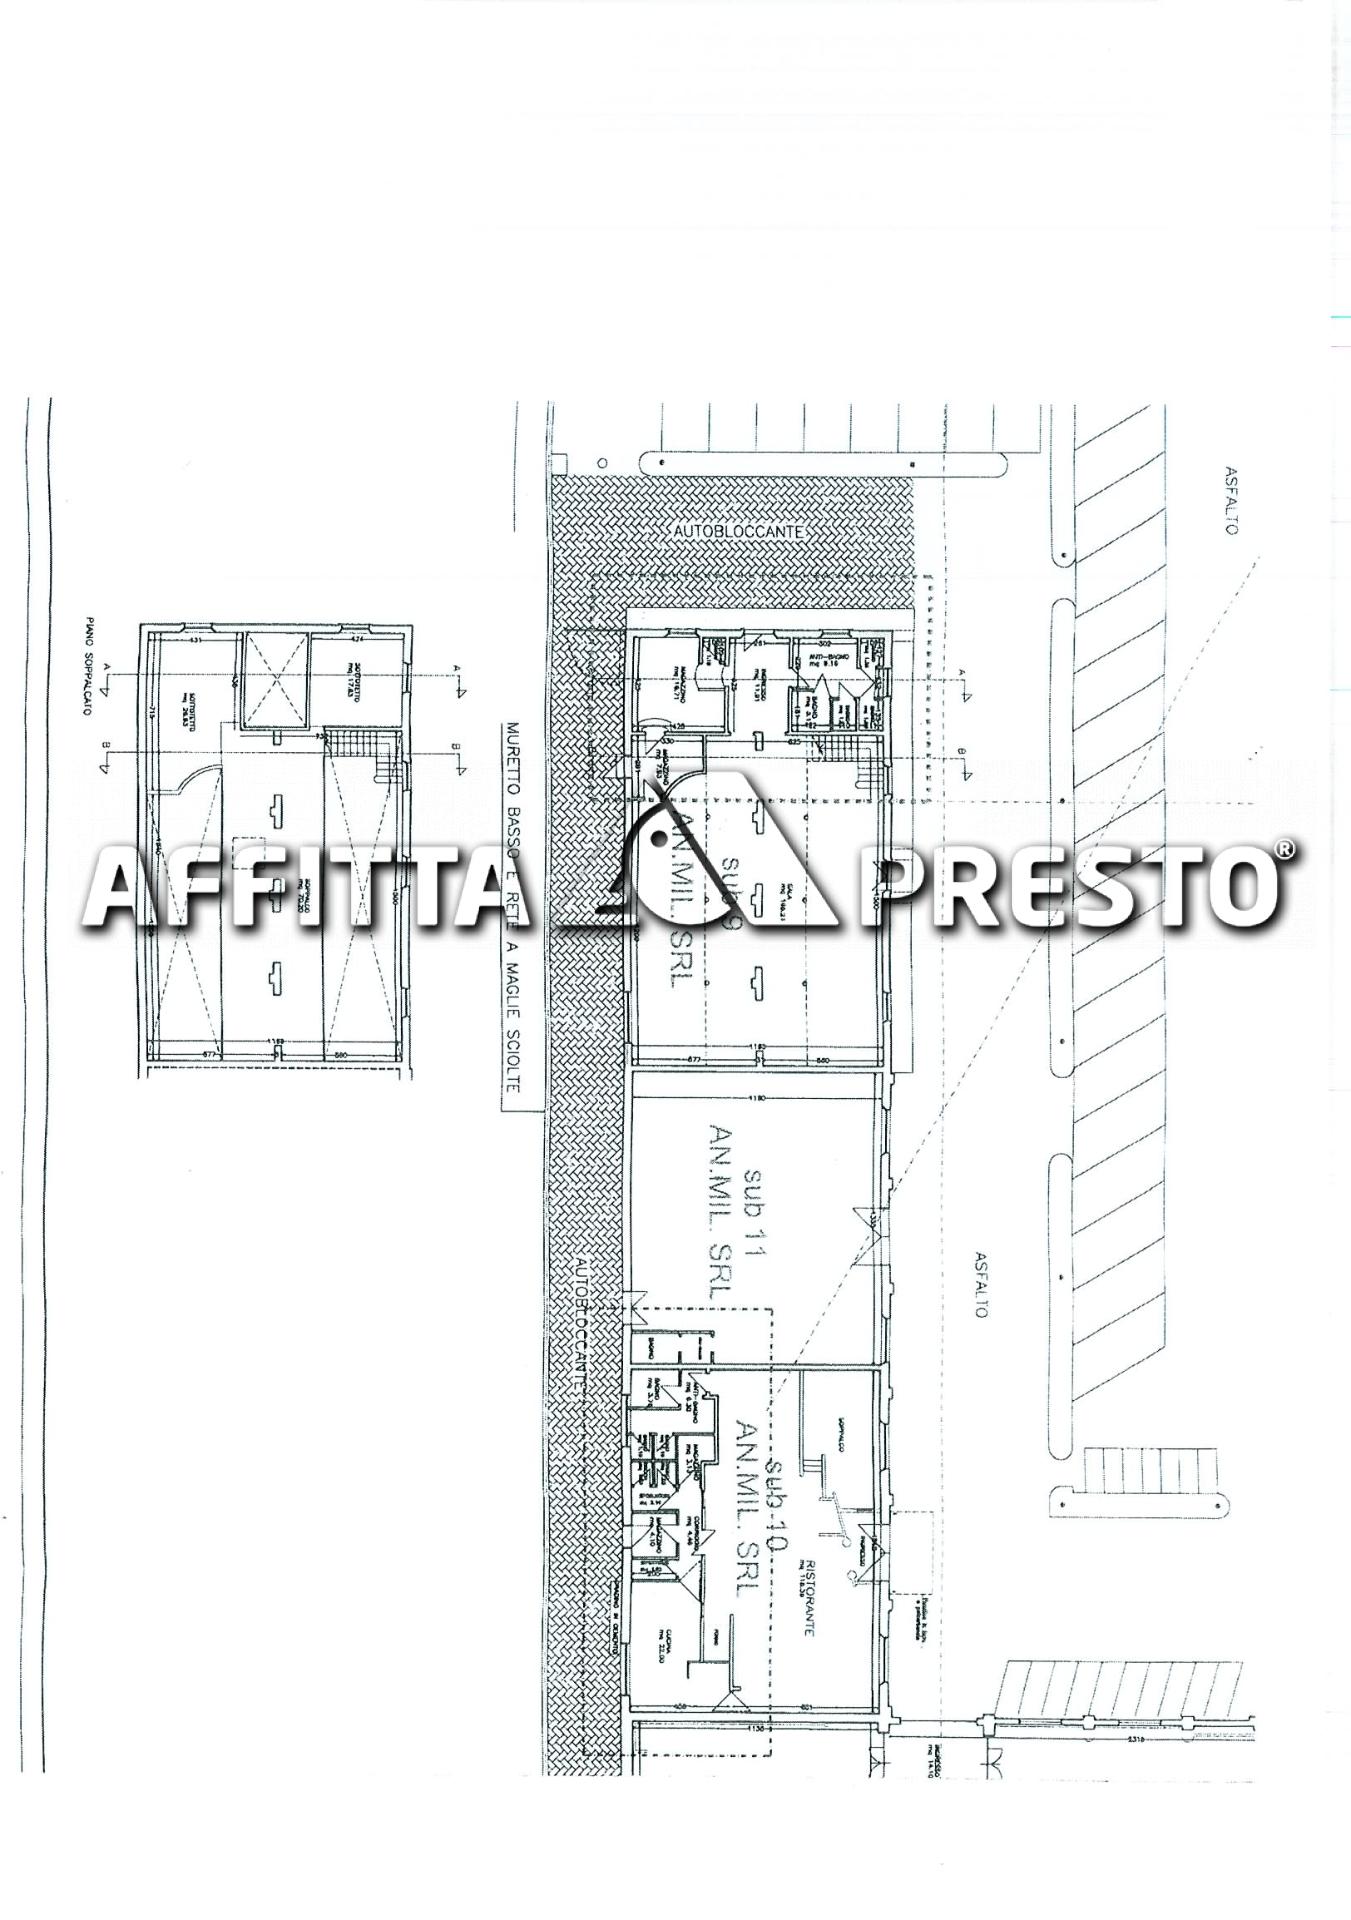 Attivit commerciale in affitto a porta a lucca pisa - Obbligo bagno disabili attivita commerciale ...